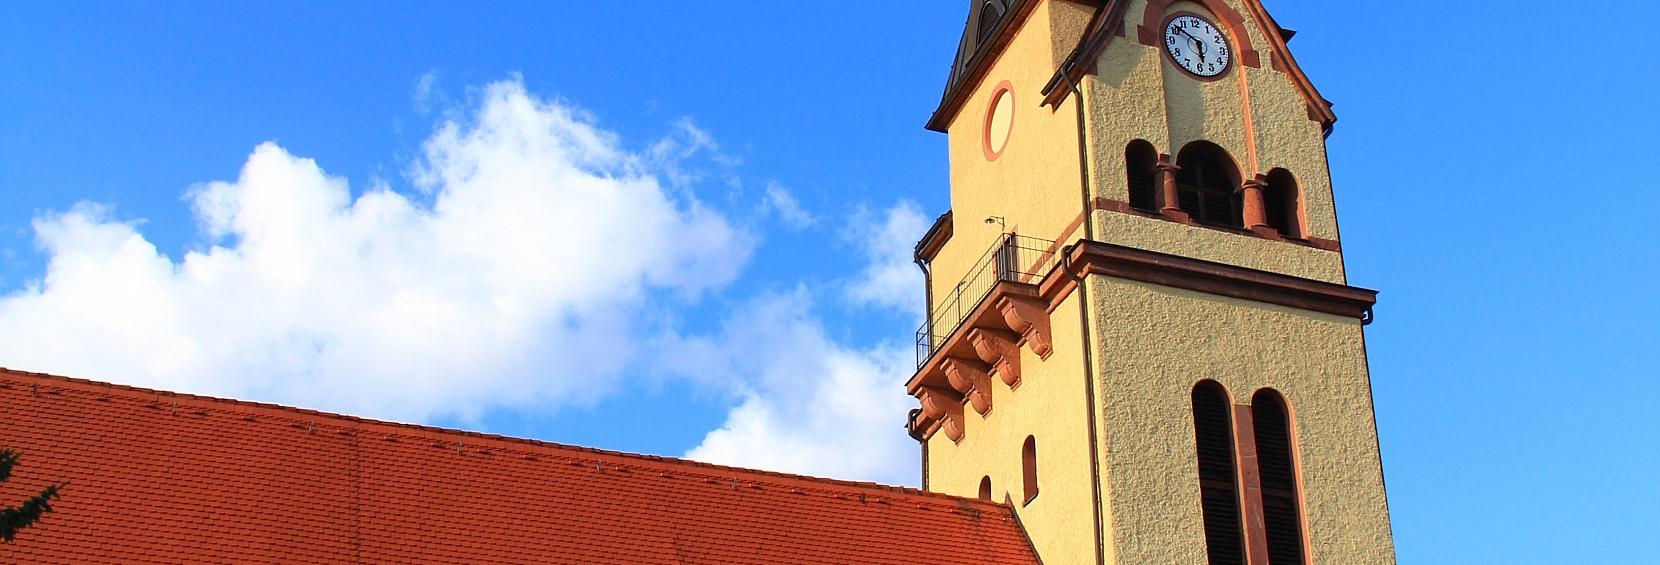 Kirche Hohnstädt